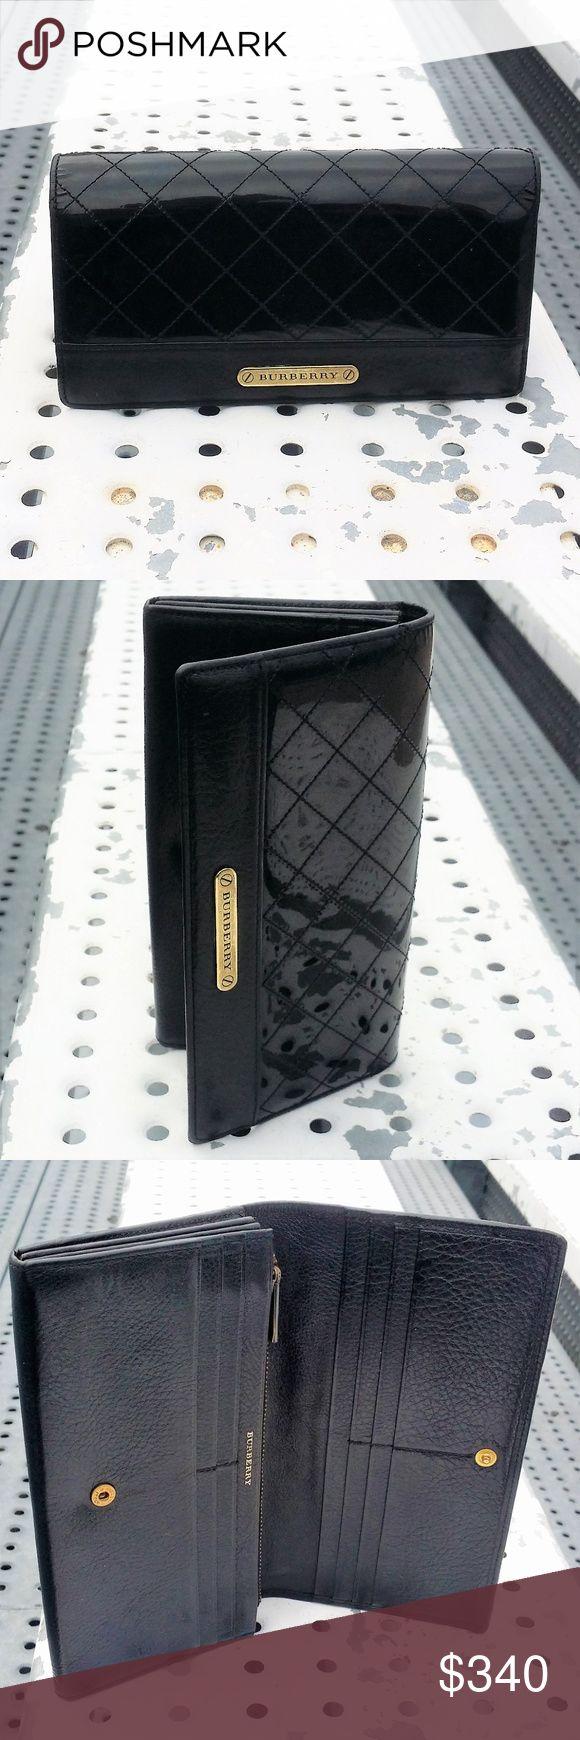 Authentic Burberry Herren Long Zip Wallet Schwarz M029 – Authentic – Echtes Leder …   – My Posh Picks